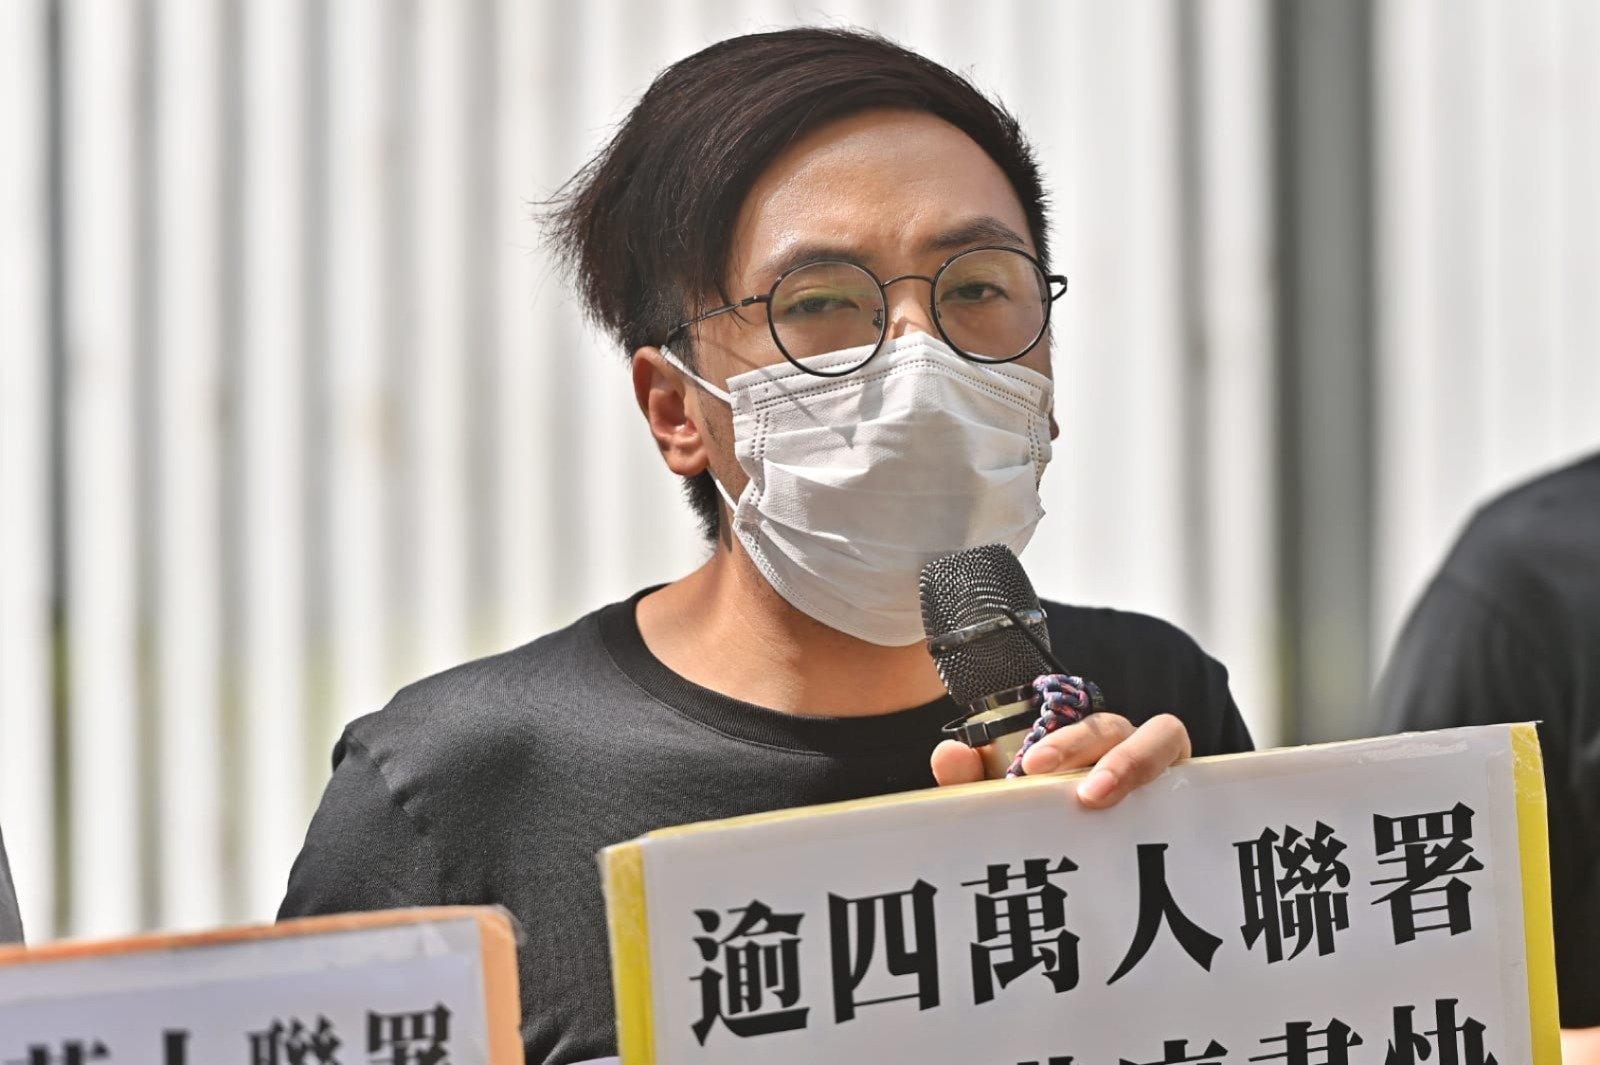 沙田區議員趙柱幫表示,12人的司法權利被強制剝奪,猶如香港人的政治縮影。(宋龍龍/大紀元)